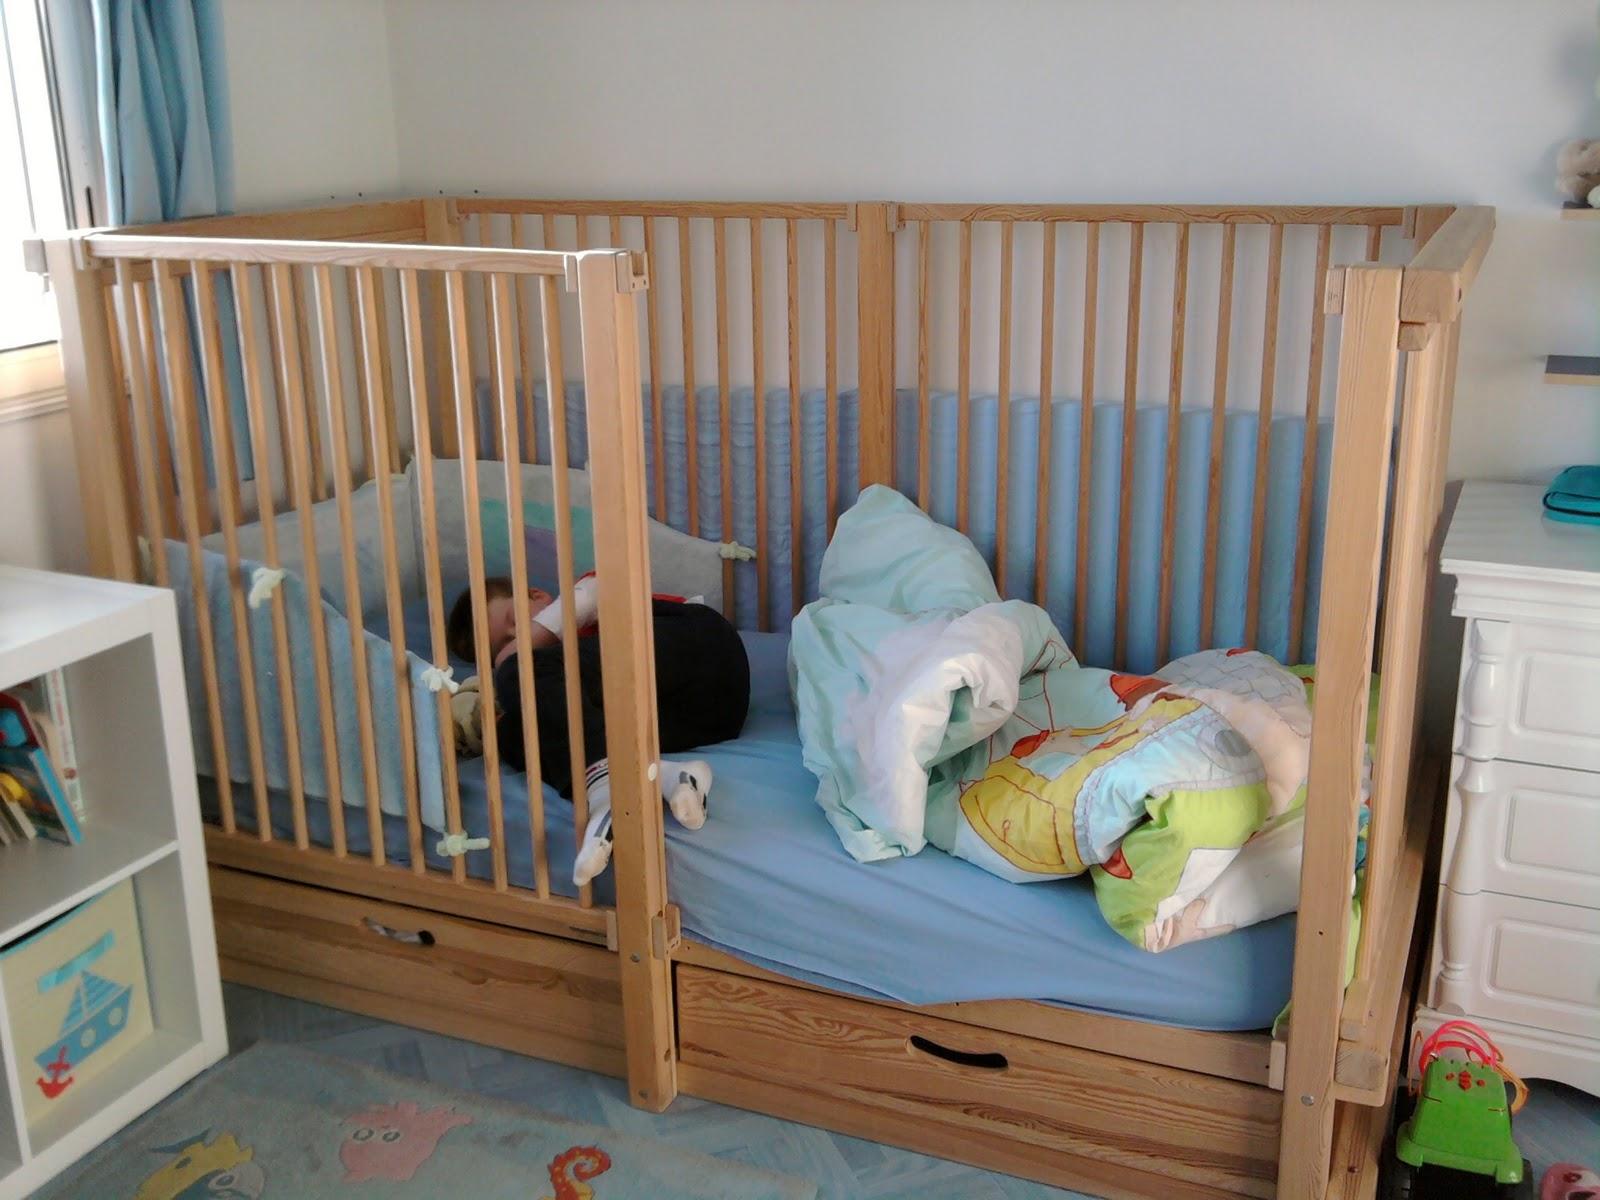 c 39 est l 39 histoire de thomas. Black Bedroom Furniture Sets. Home Design Ideas